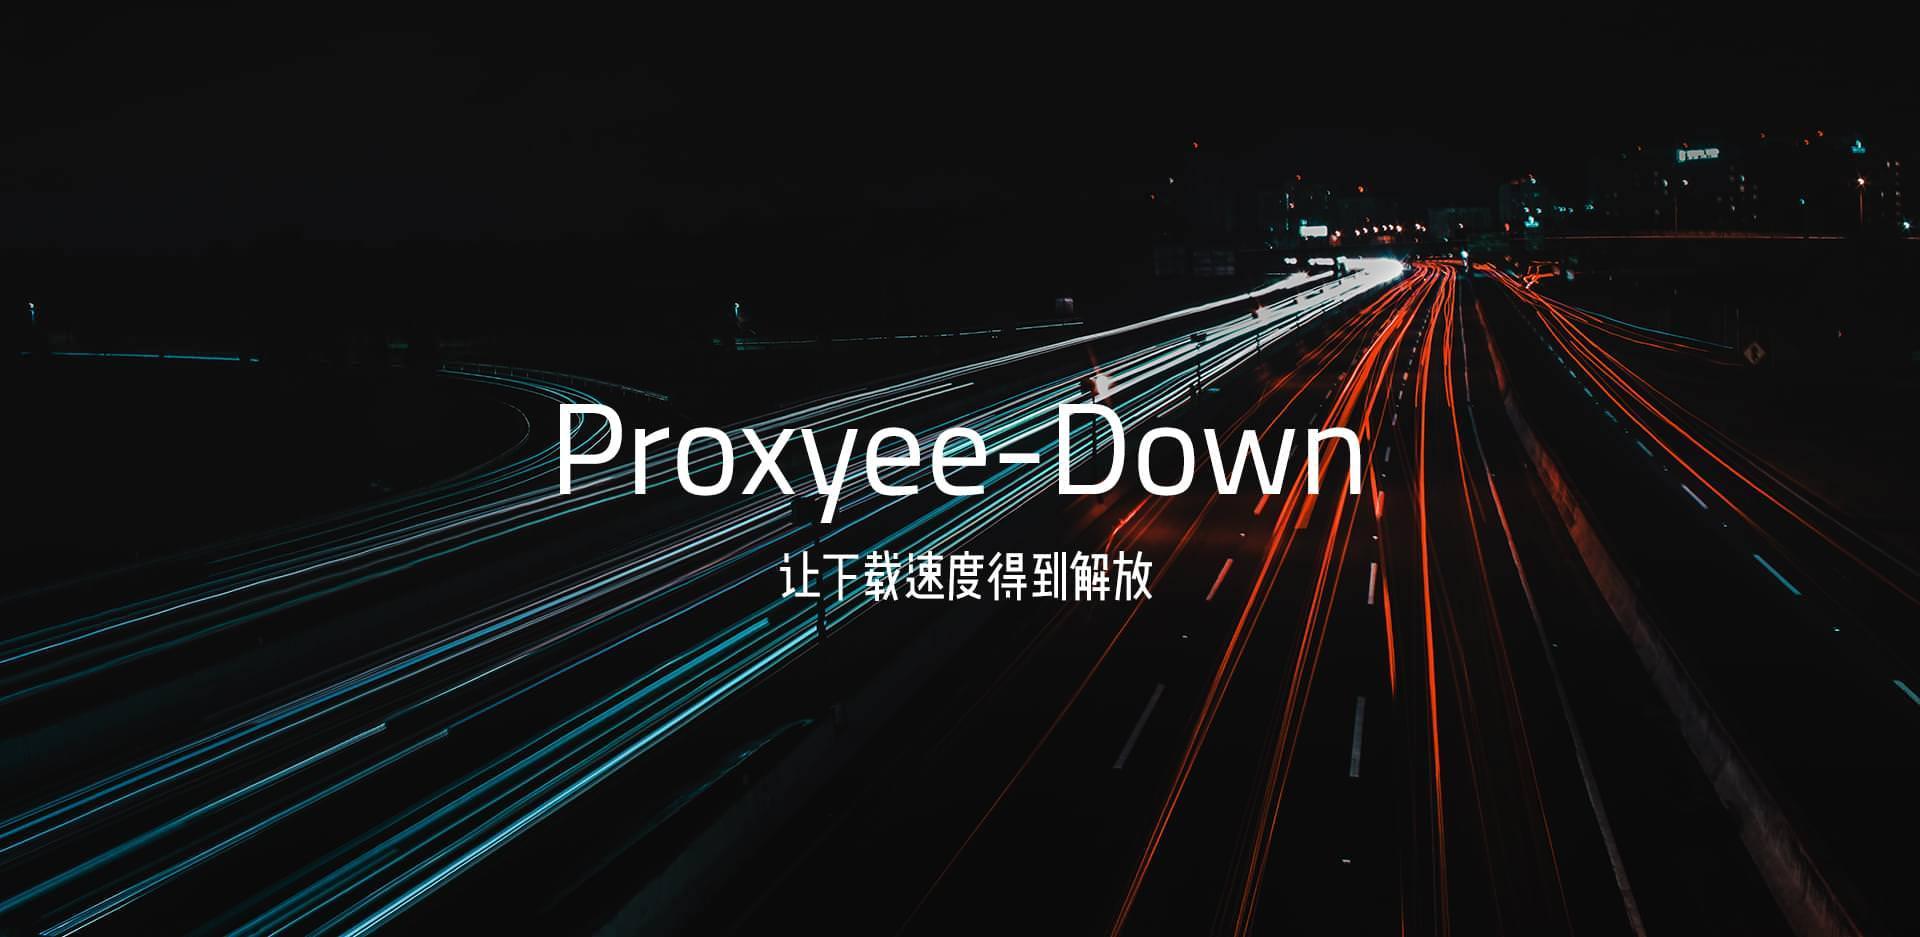 又一个百度网盘下载神器Proxyee-down 3.32